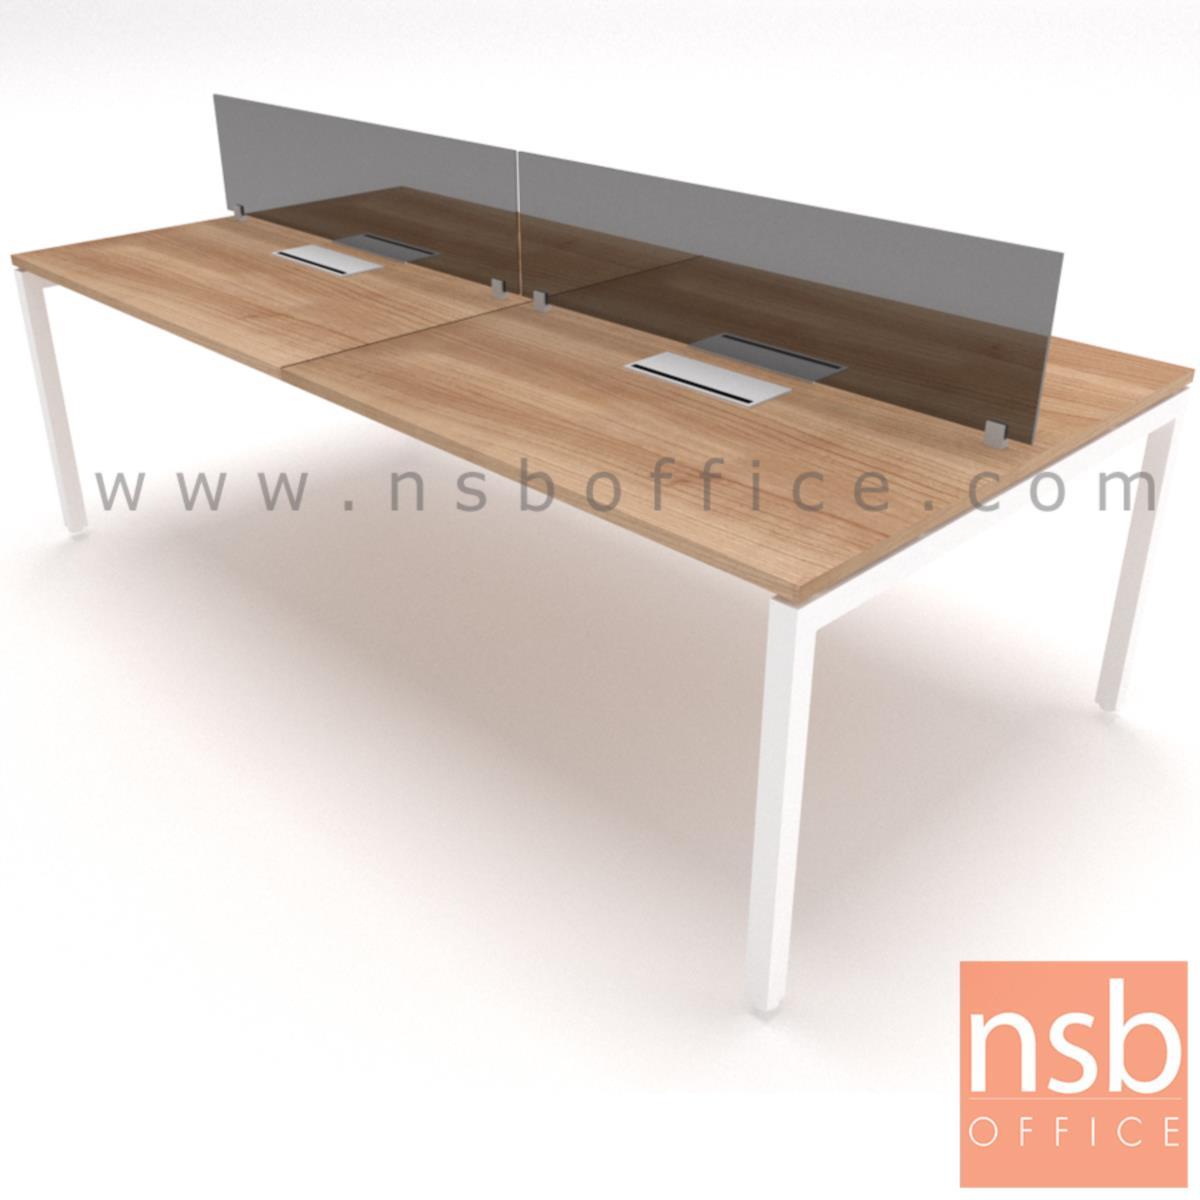 A04A140:ชุดโต๊ะทำงานกลุ่ม รุ่น Smart  พร้อมมินิสกรีนและกล่องไฟทุกที่นั่ง